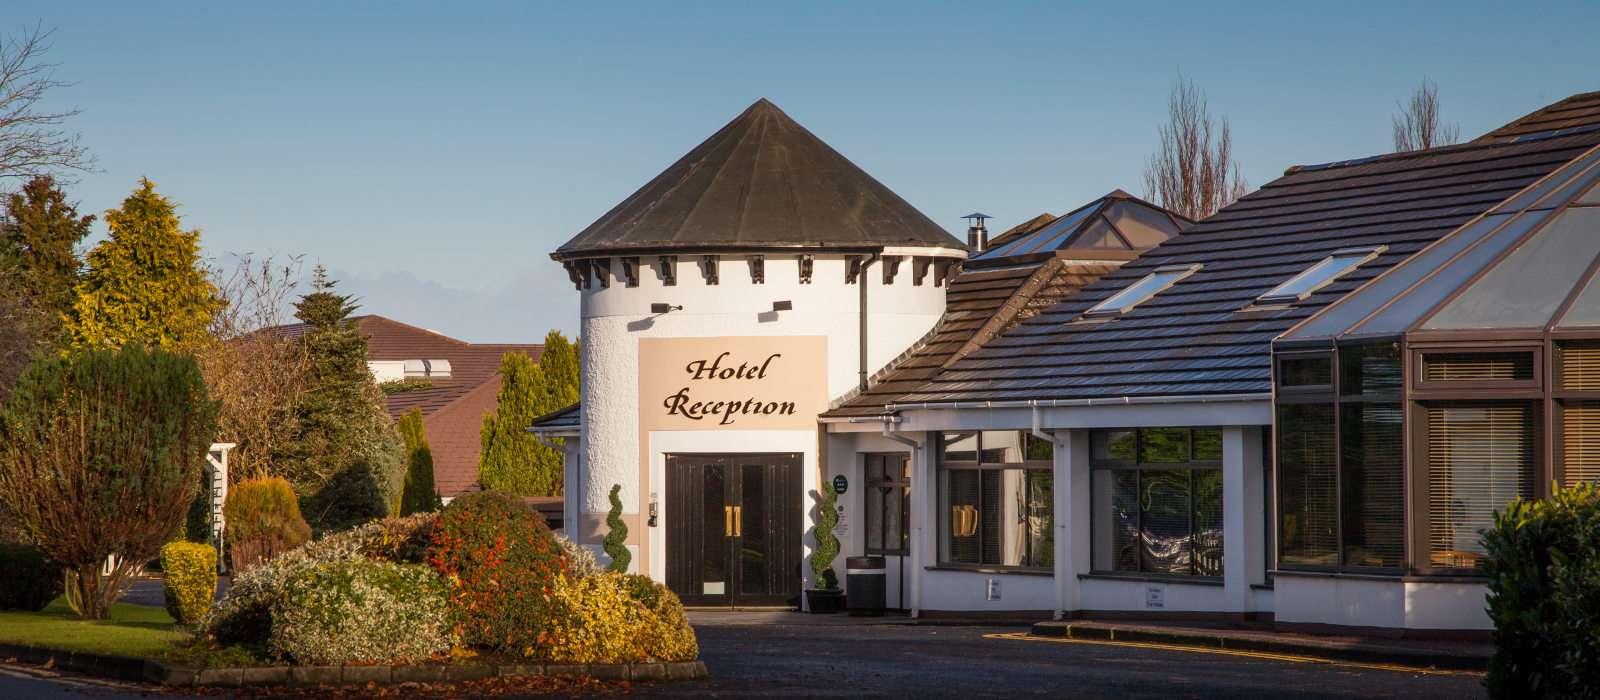 Lodge Hotel Coleraine exterior